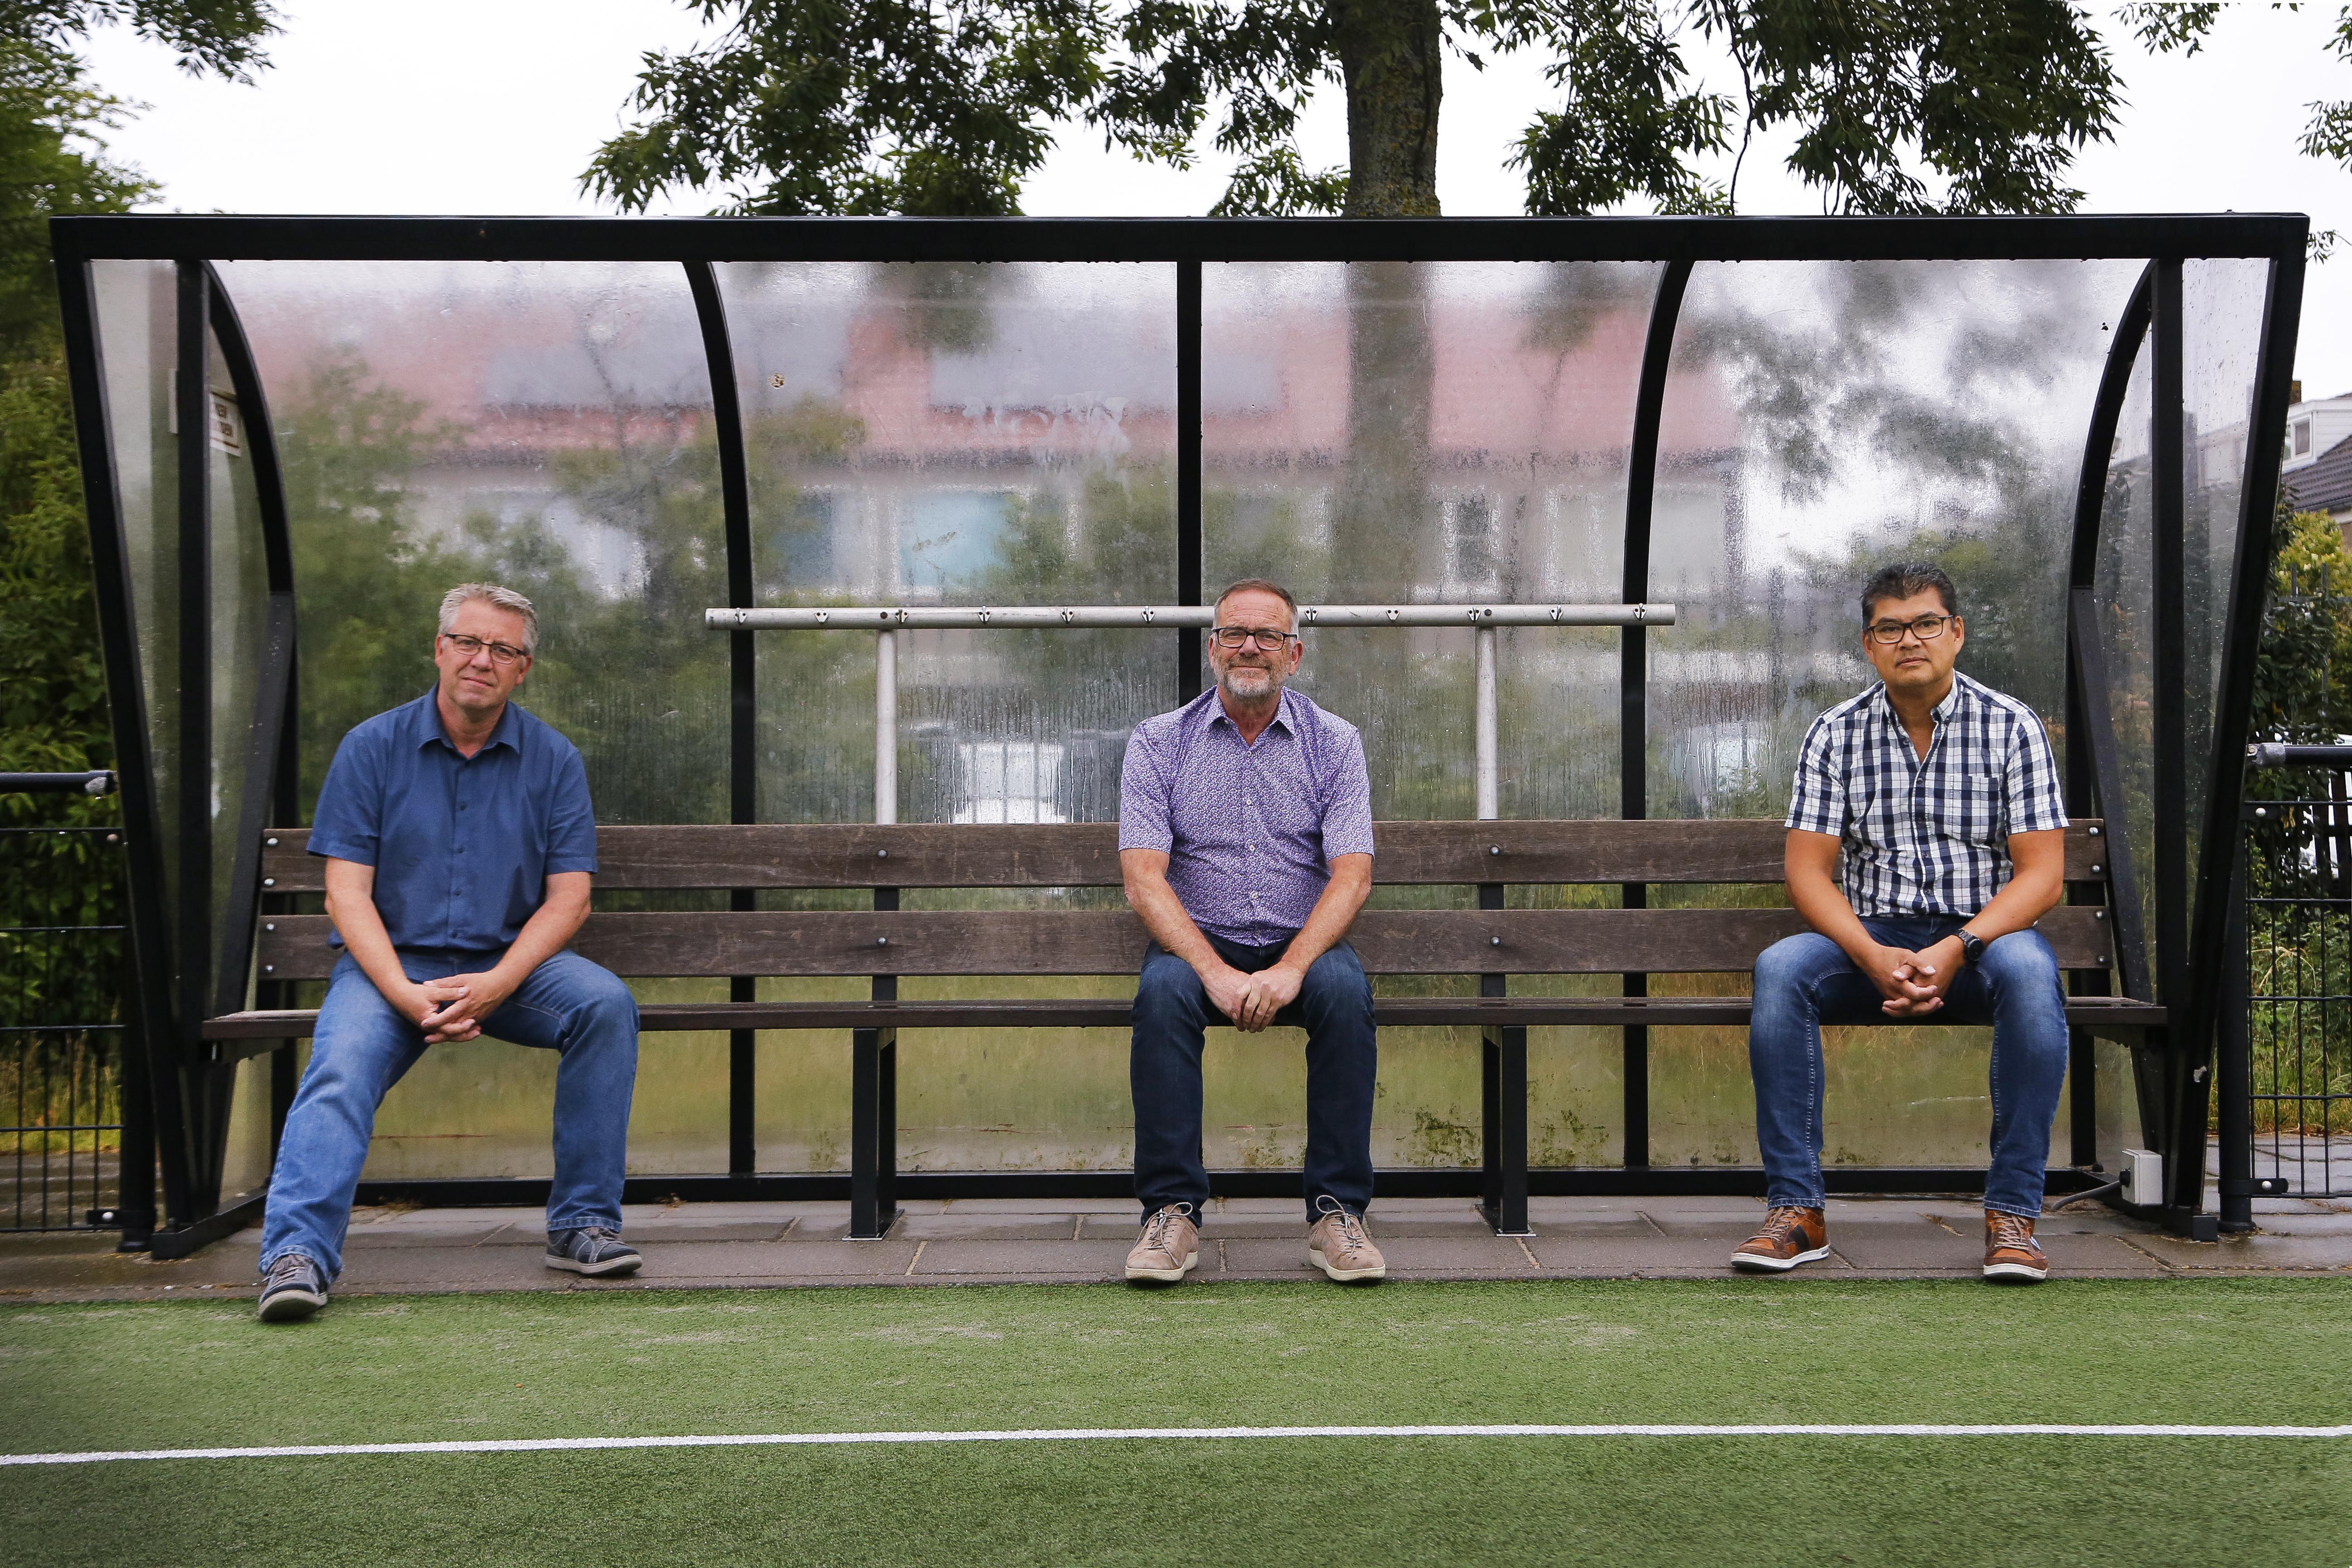 Korfbalvereniging HBC gooit het roer om: 'Gezelligheid was en is de binding. Daar mag nu ook ambitie bij komen'